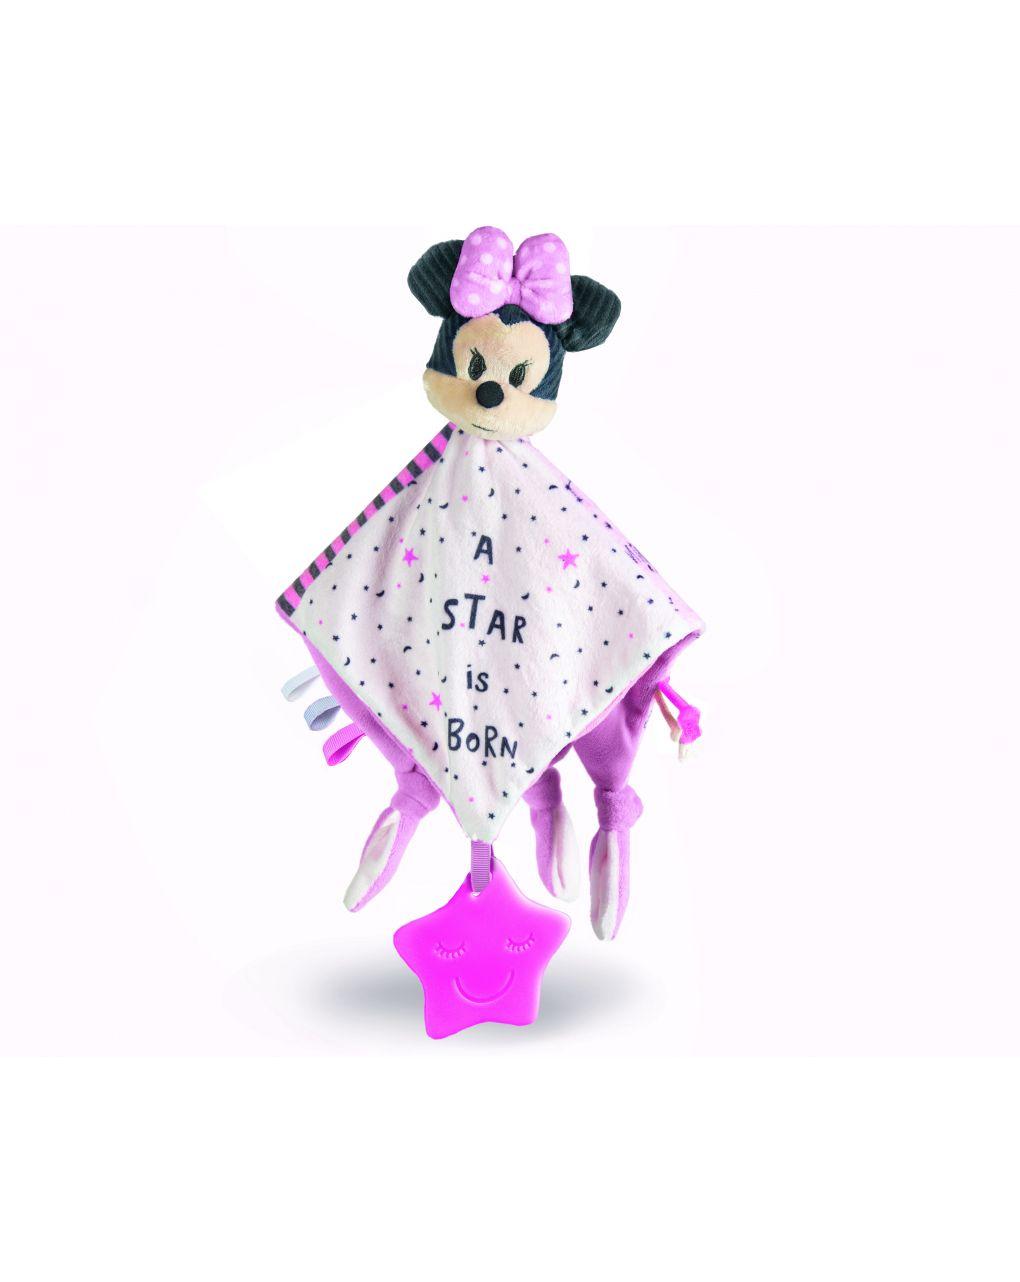 Disney baby - baby minnie cobertor macio - Clementoni